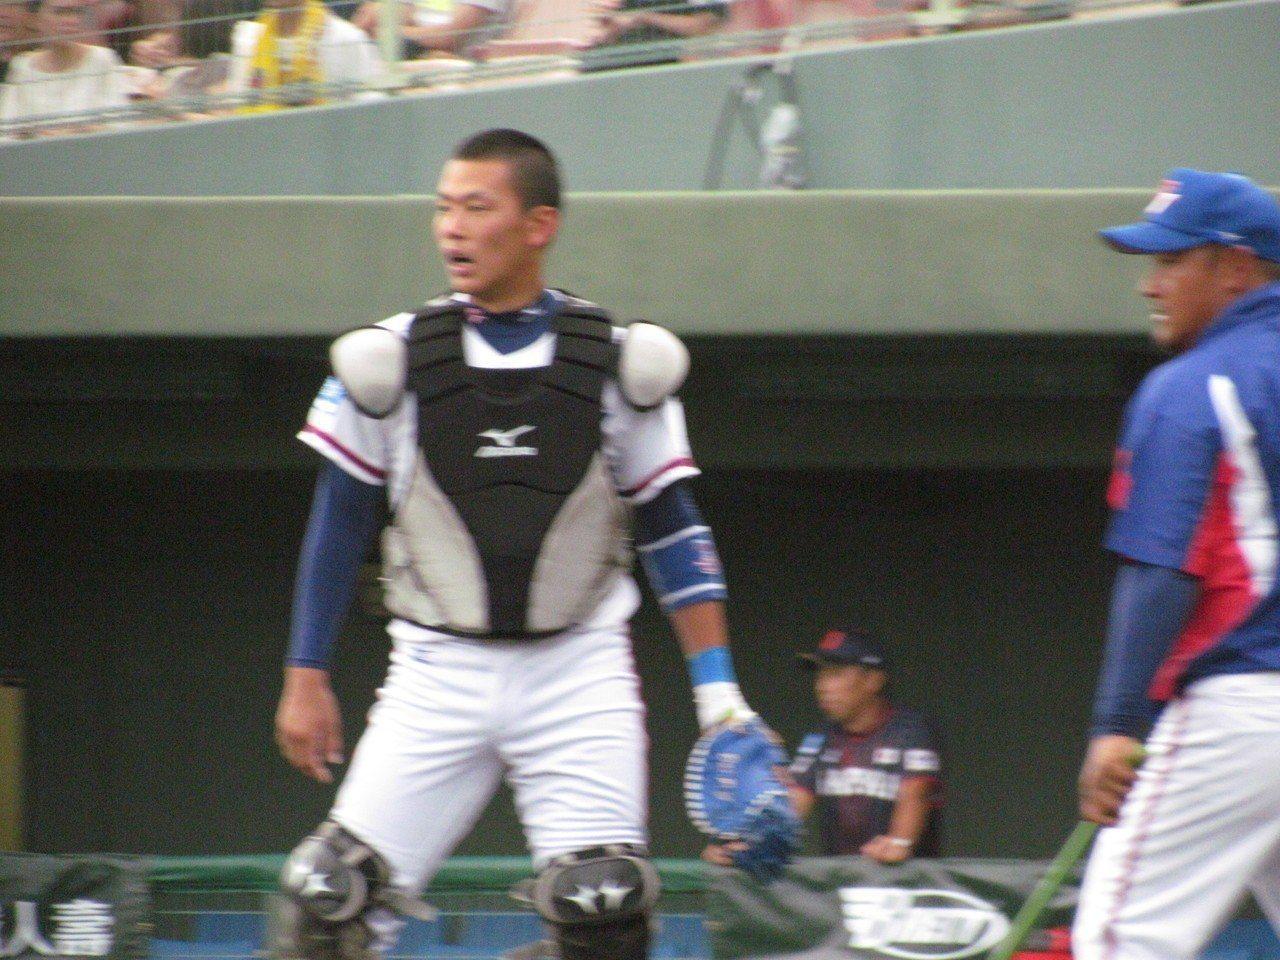 亞青棒球賽4強複賽,中華隊先發捕手戴培峰。 記者婁靖平/攝影